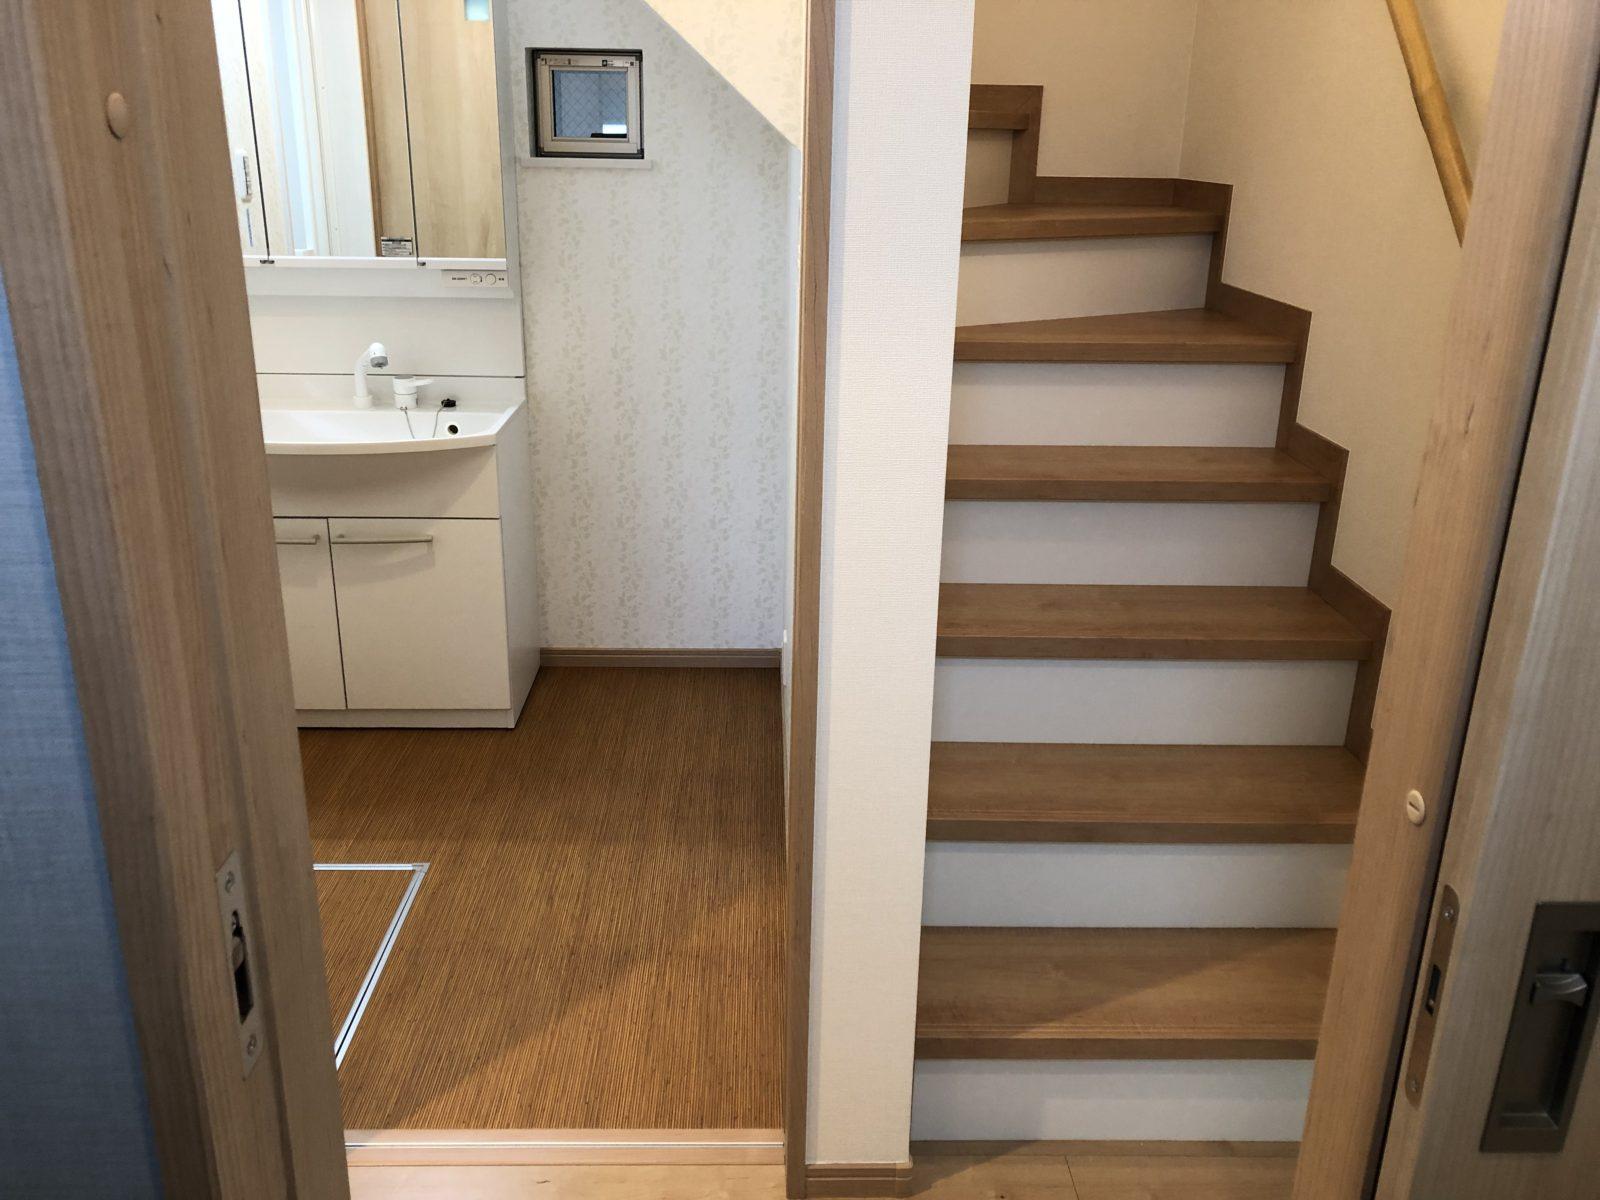 洗面所と階段